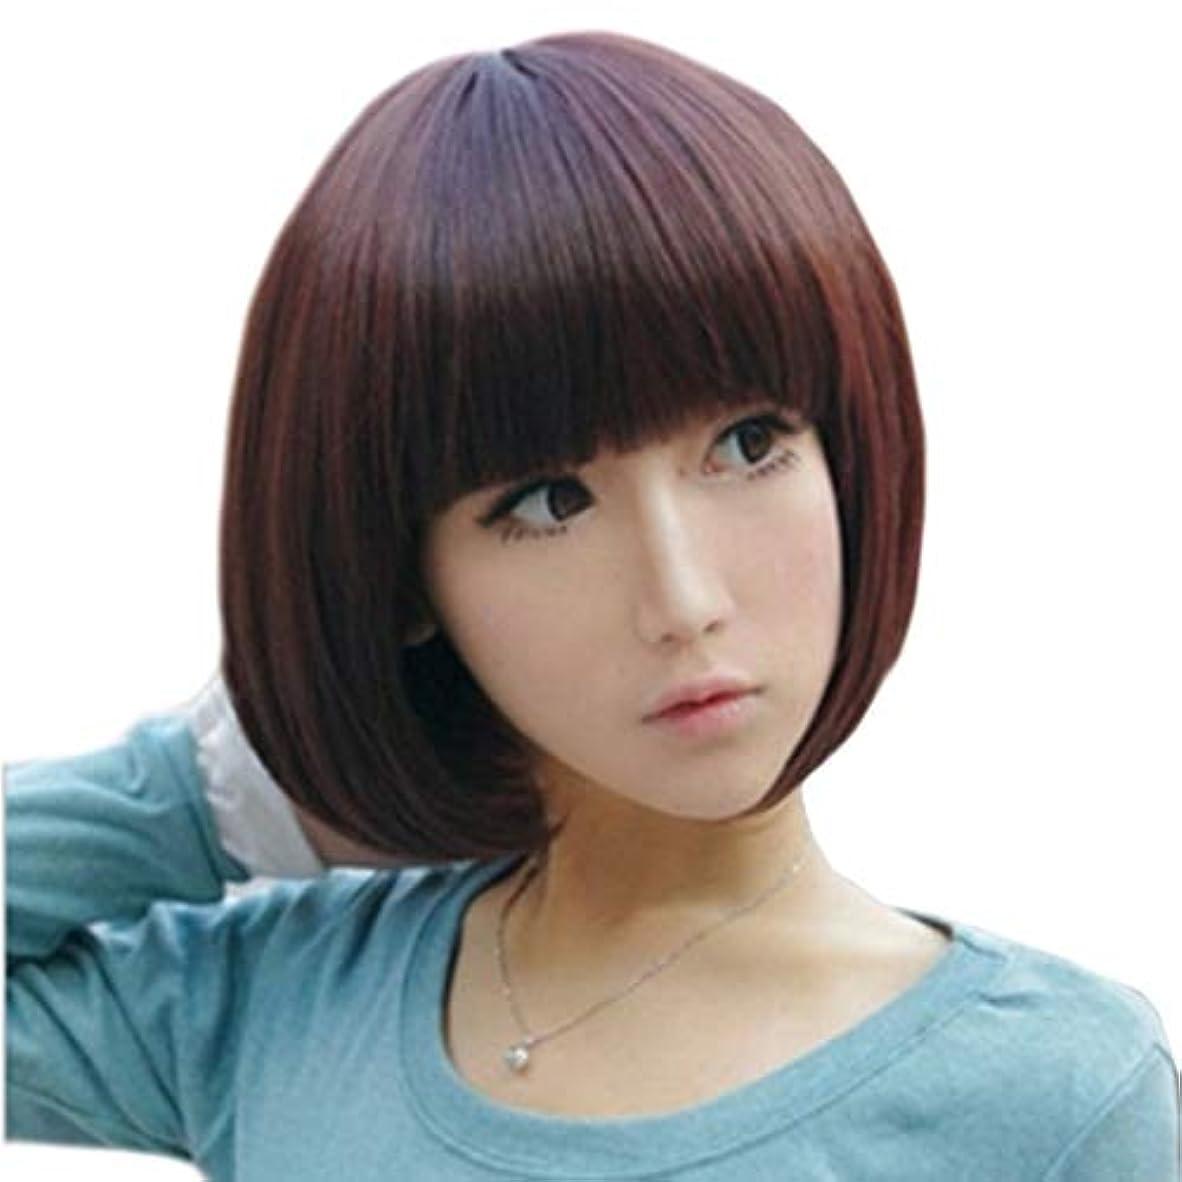 成長するバイオレット退屈なSummerys 本物の髪のように自然な女性のための平らな前髪でストレートショートボブの髪かつら